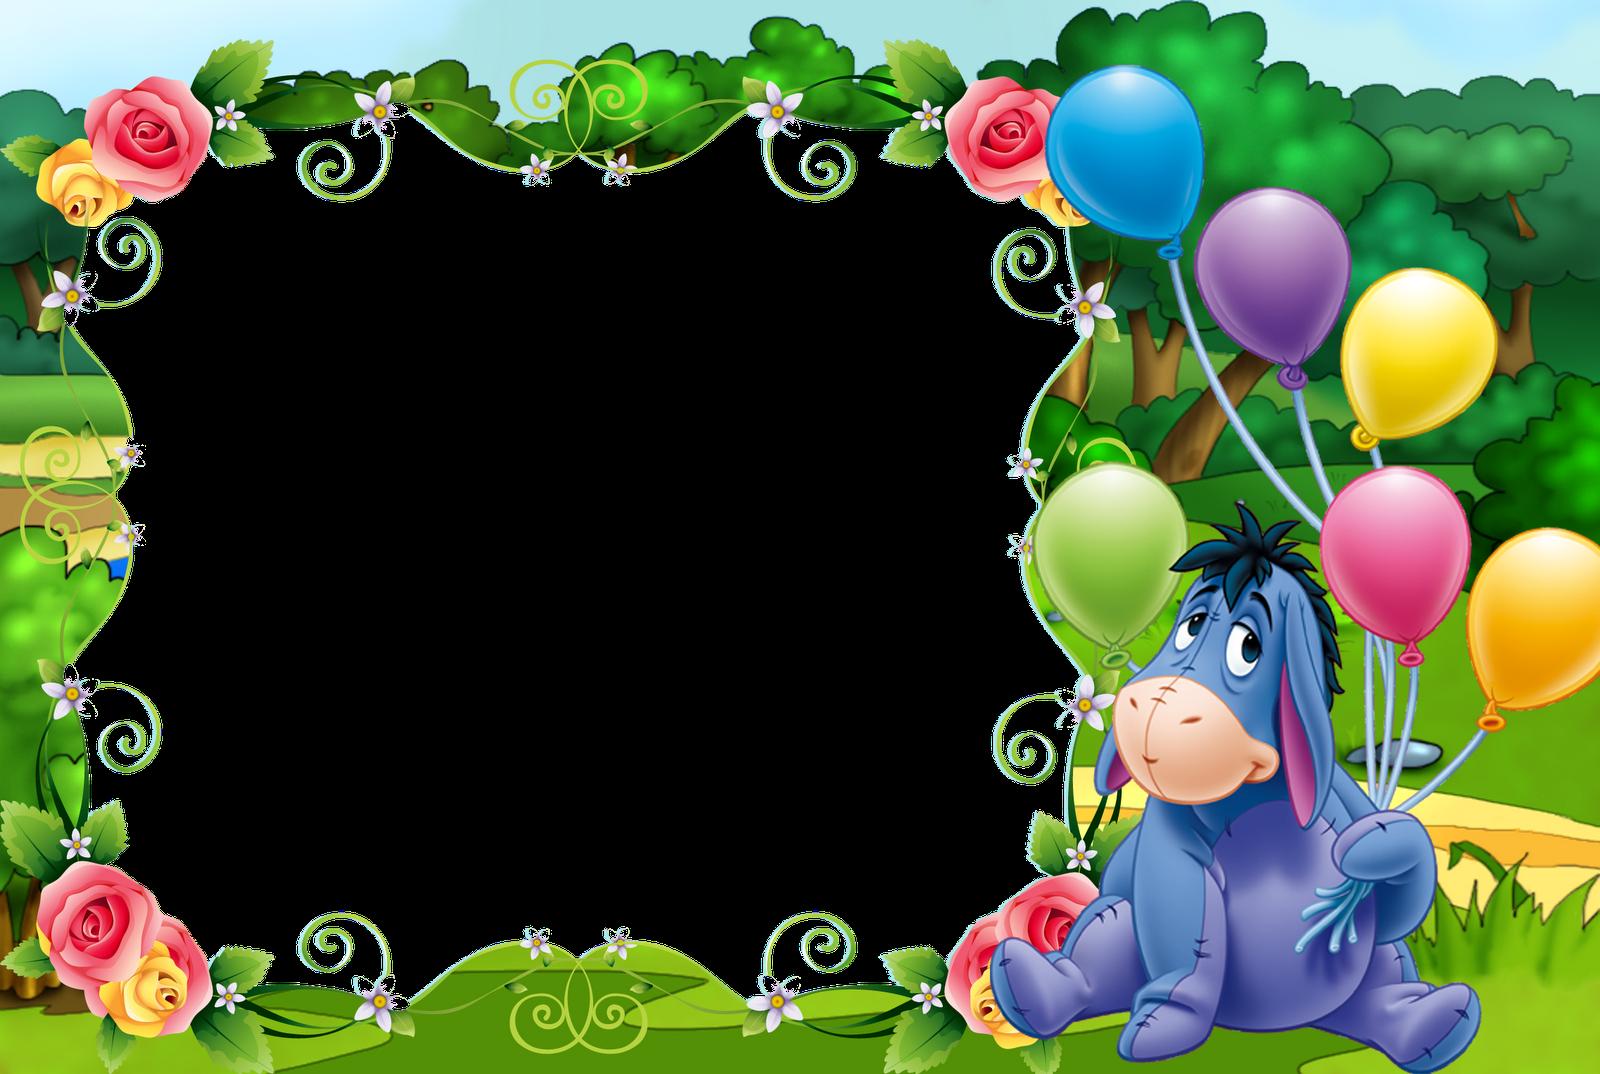 Картинки рамки с днем рождения мальчику, прикольные